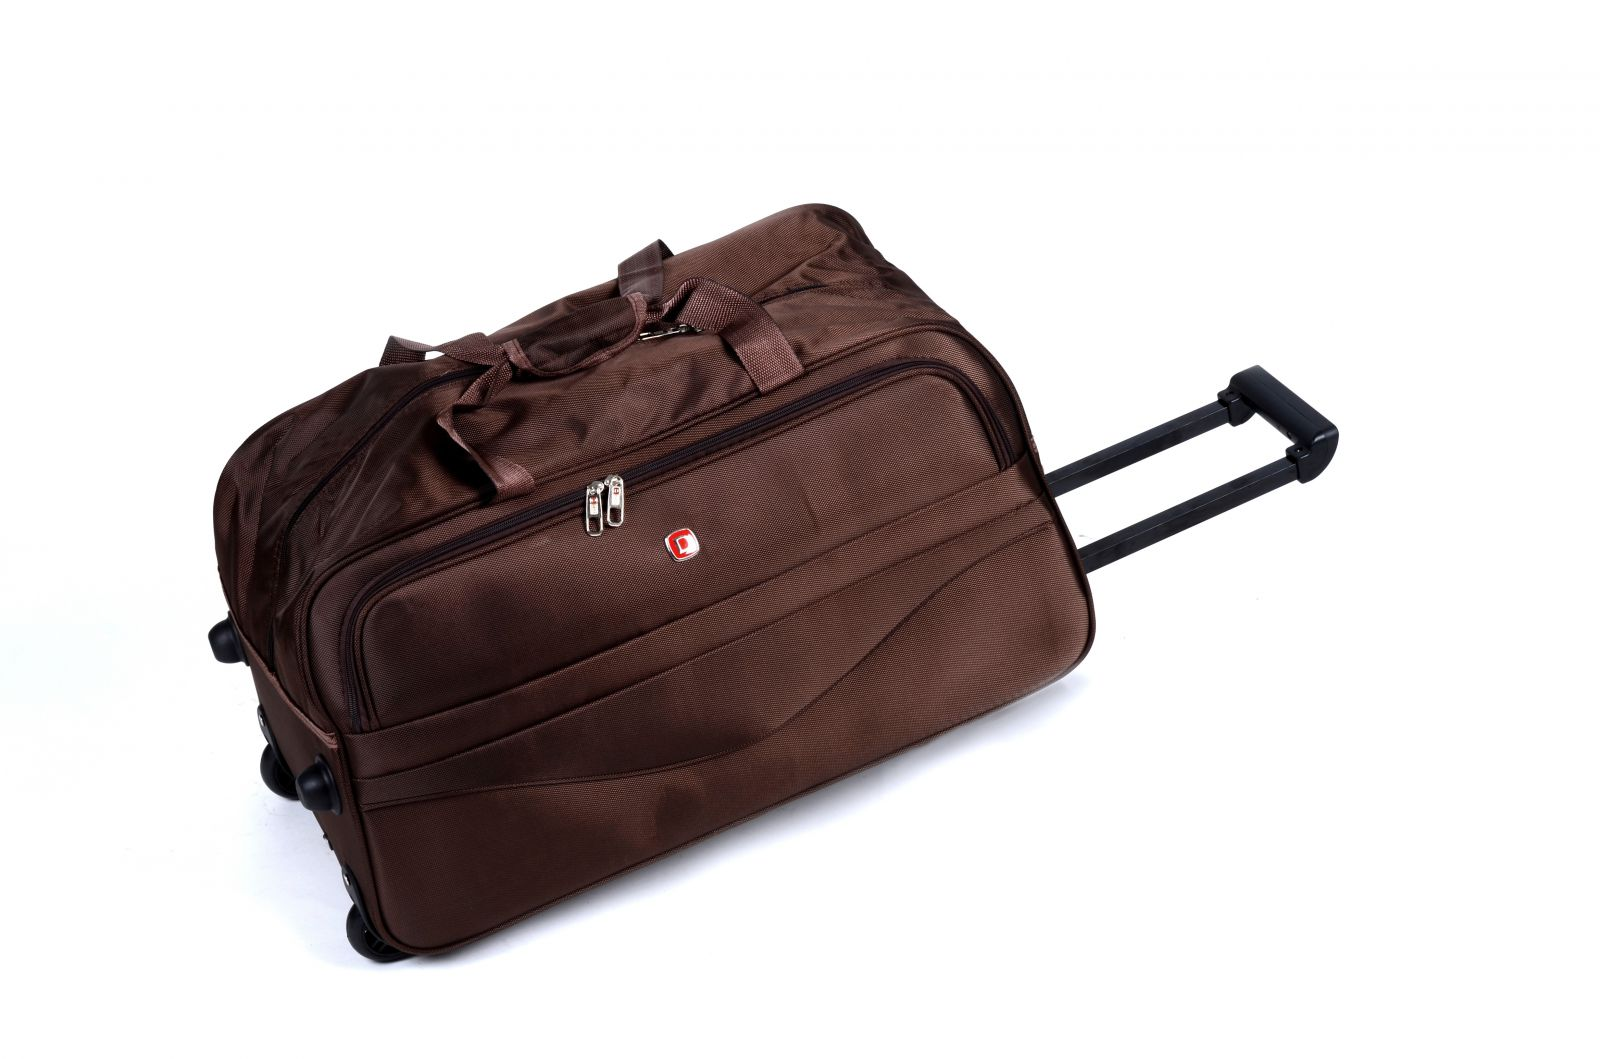 Cestovní taška na kolečkách GLORY velká hnědá E-batoh